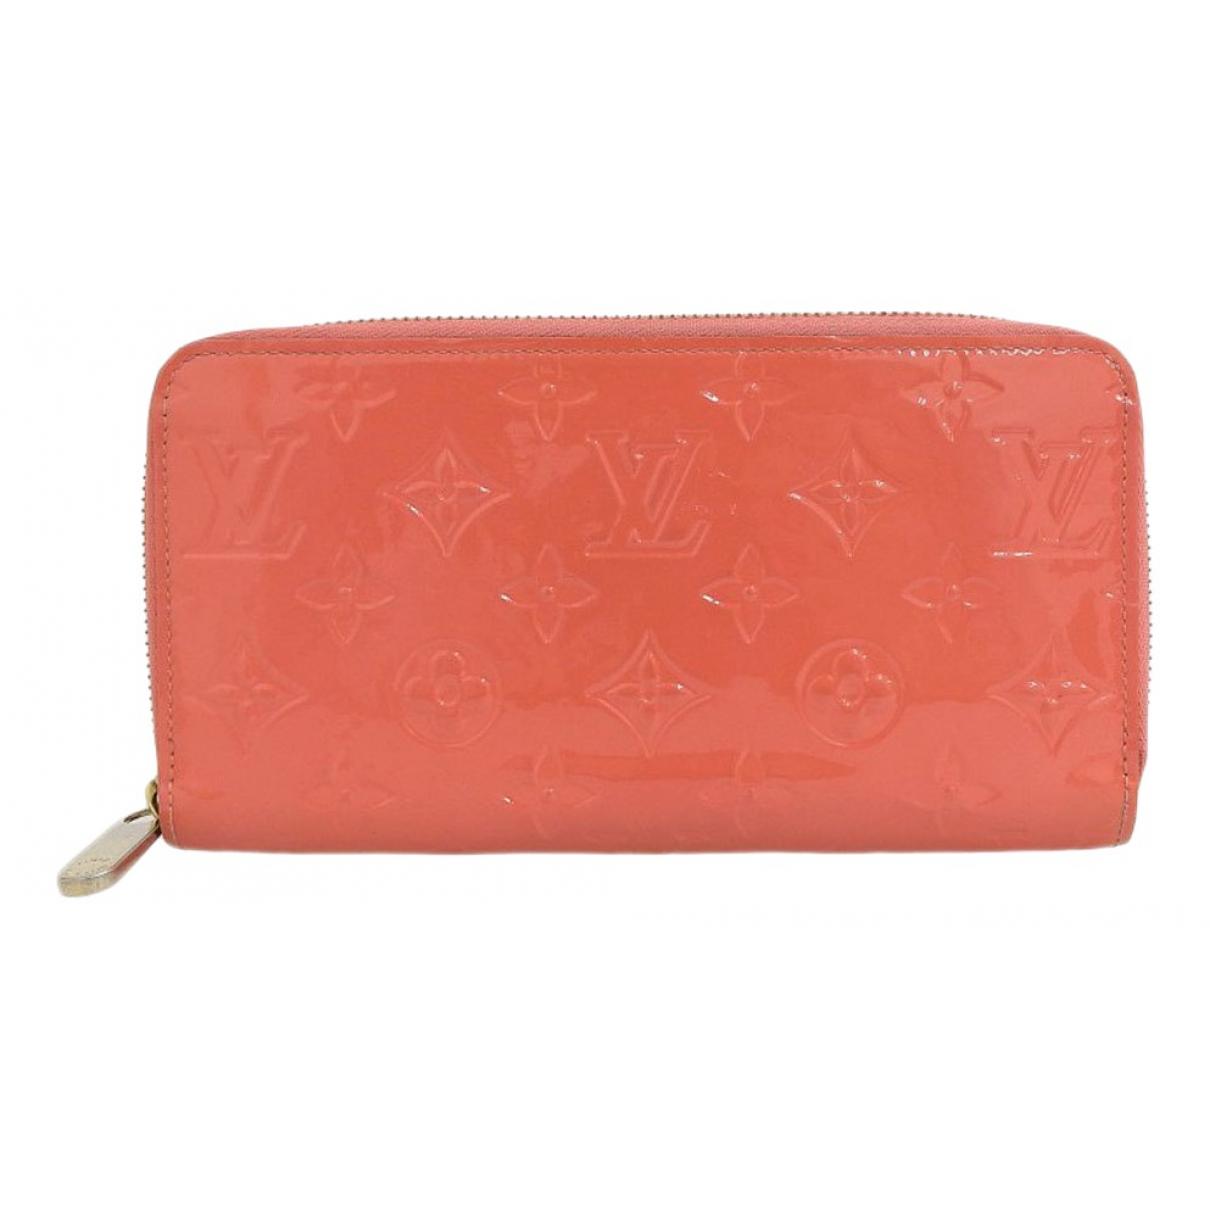 Louis Vuitton - Portefeuille Zippy pour femme en cuir verni - orange